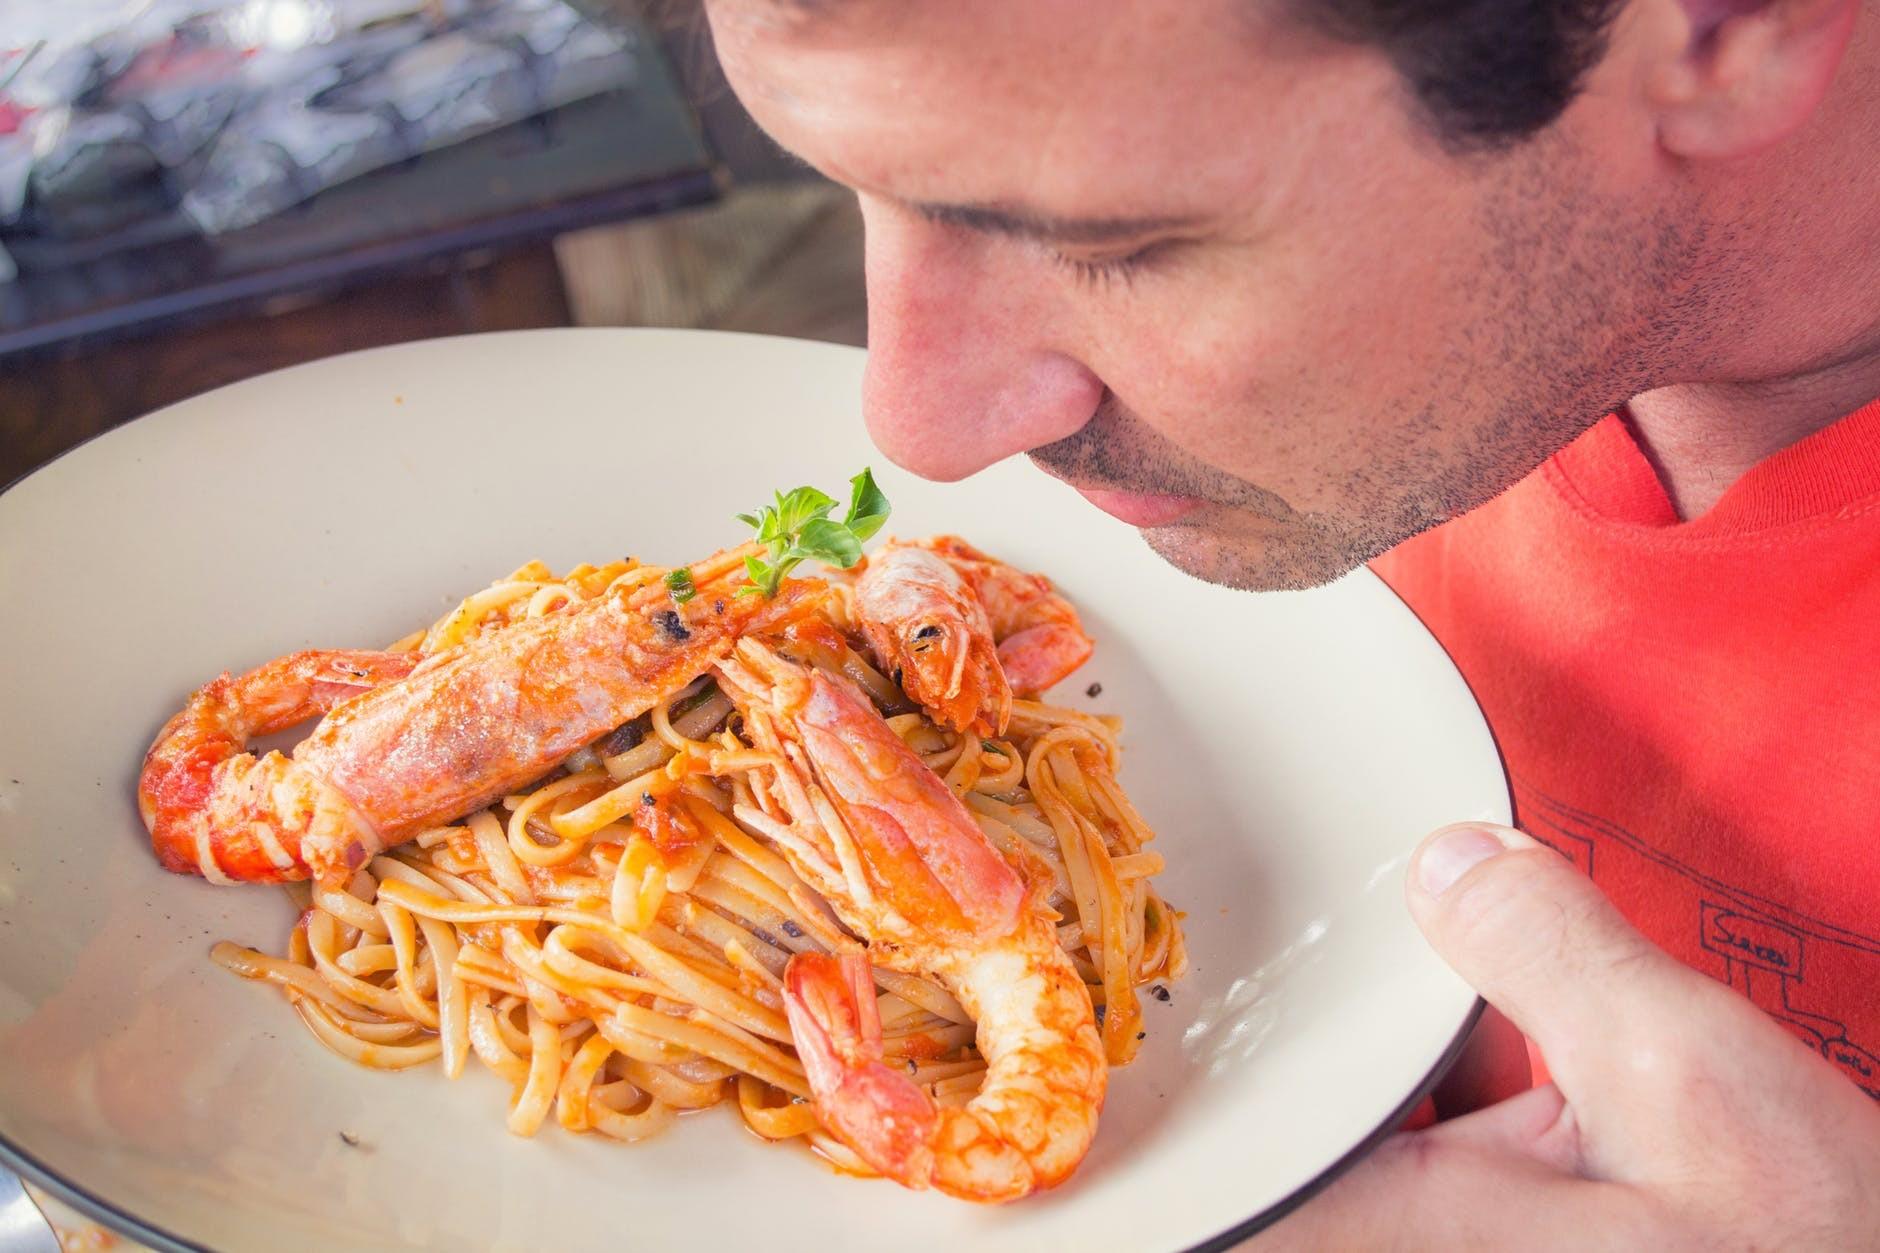 Cheiro de comida, assim qualquer outro tipo de cheiro, pode variar de pessoa para pessoa conforme a informação genética (Foto: Pexels)